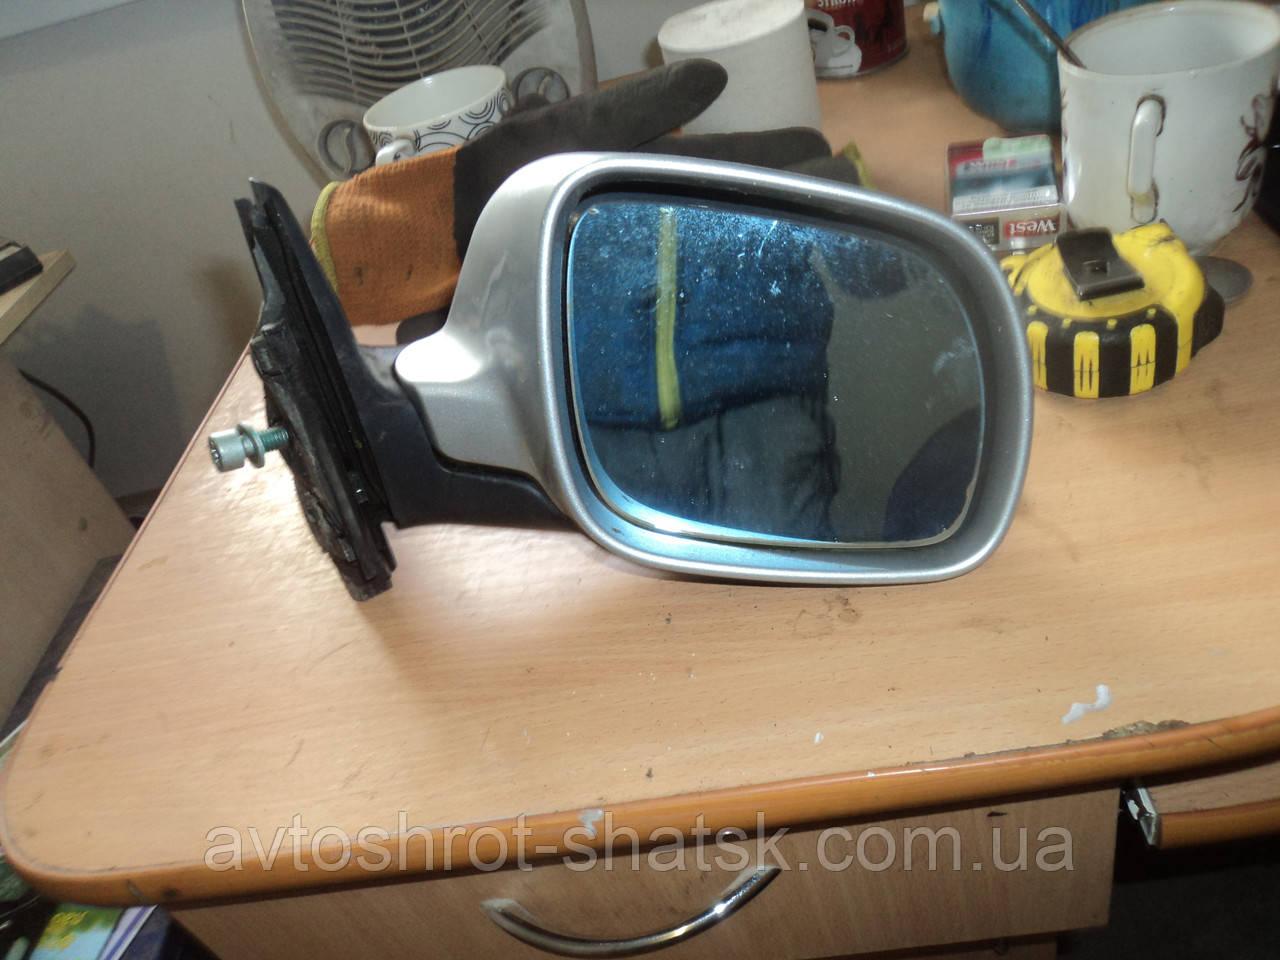 Б/У правое зеркало ауди а6 с4 1994-1997